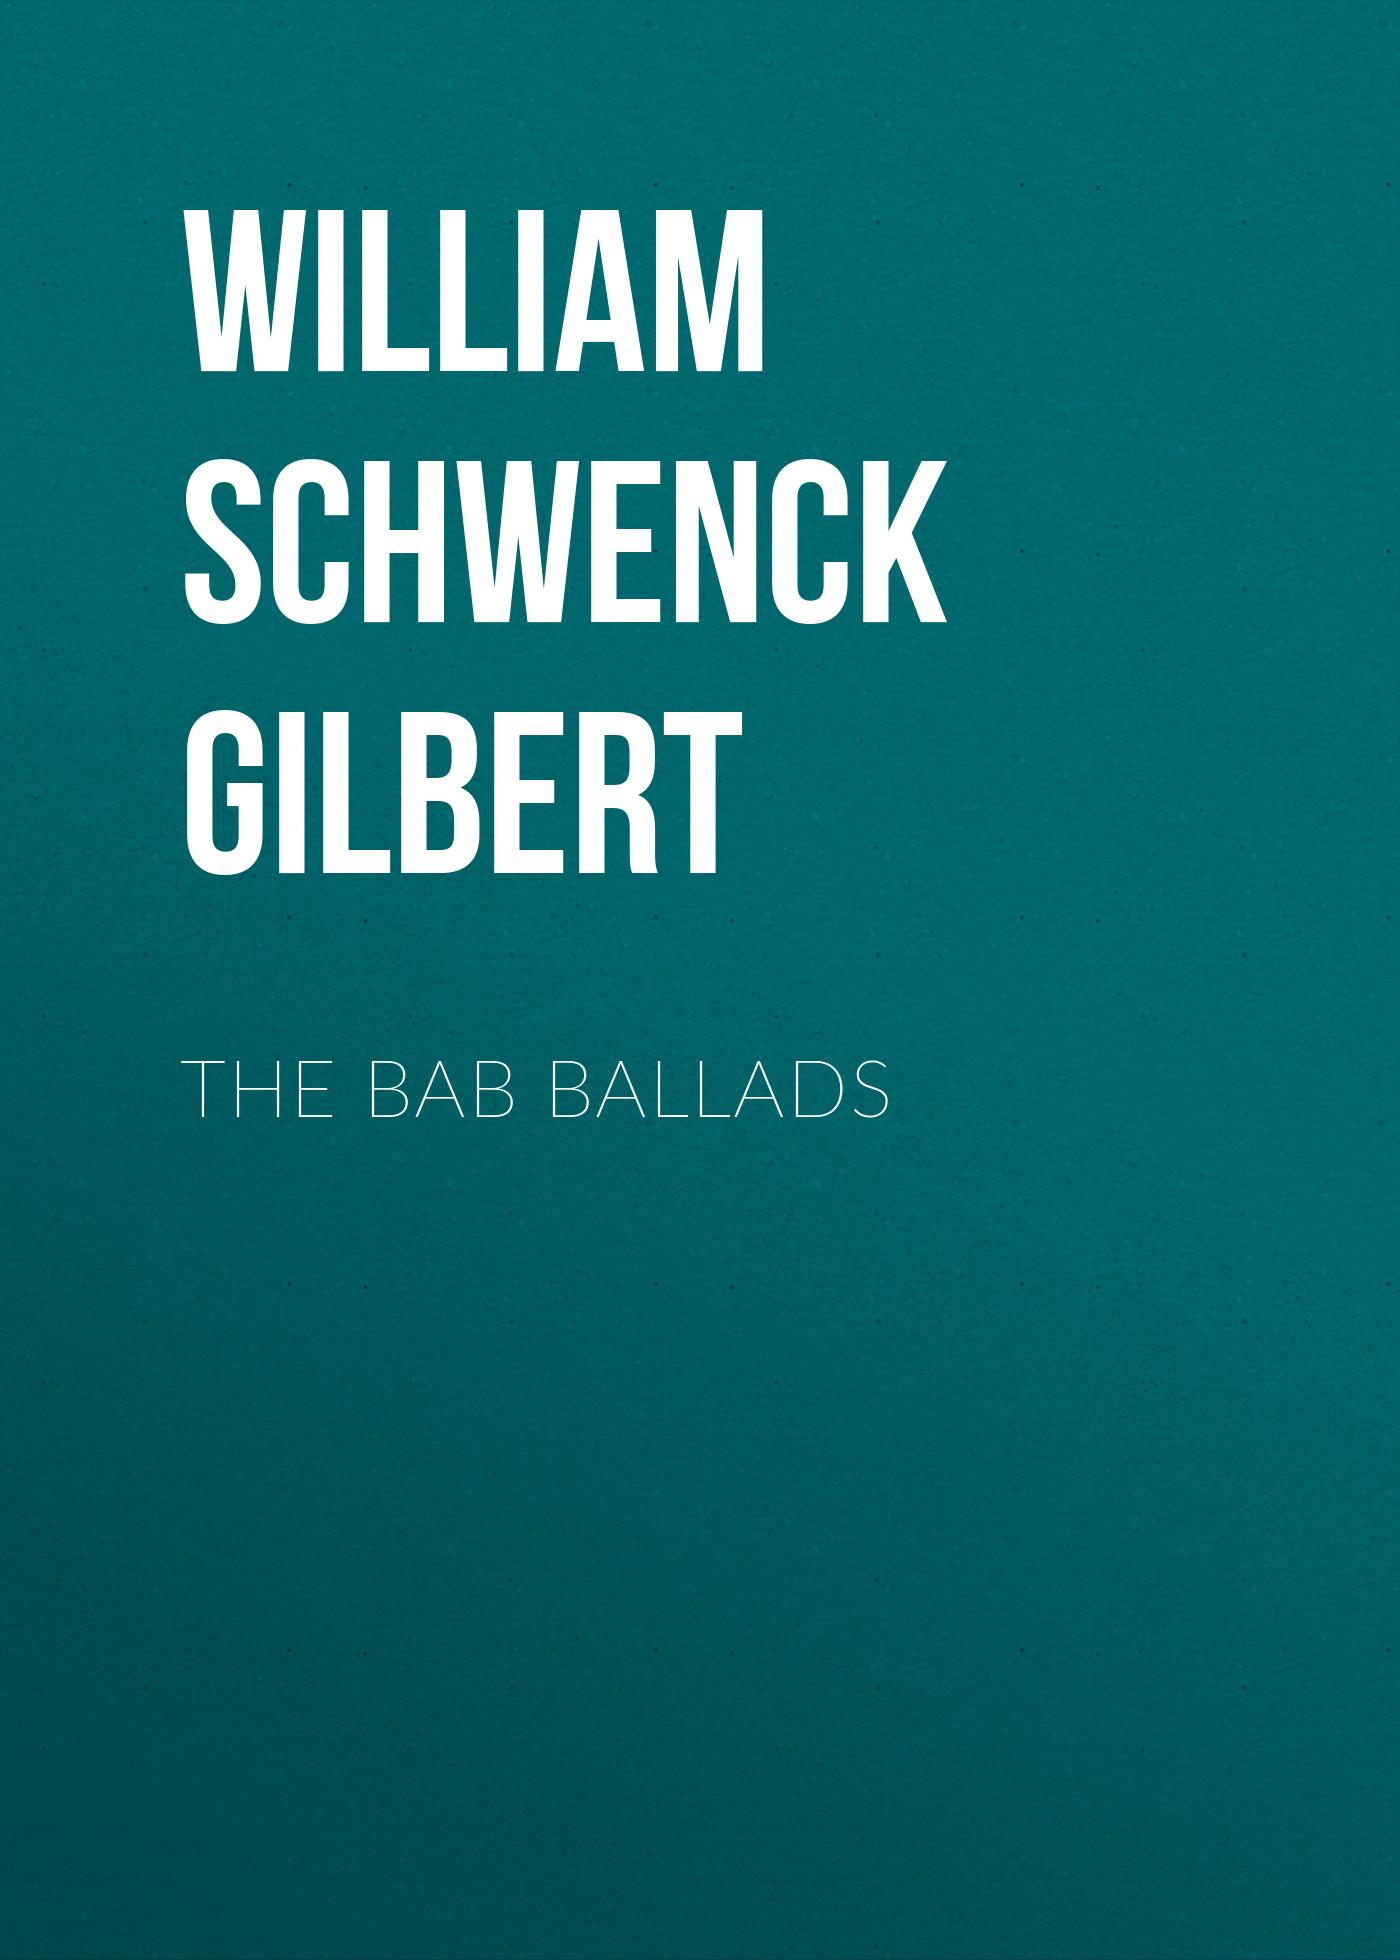 William Schwenck Gilbert The Bab Ballads william schwenck gilbert more bab ballads